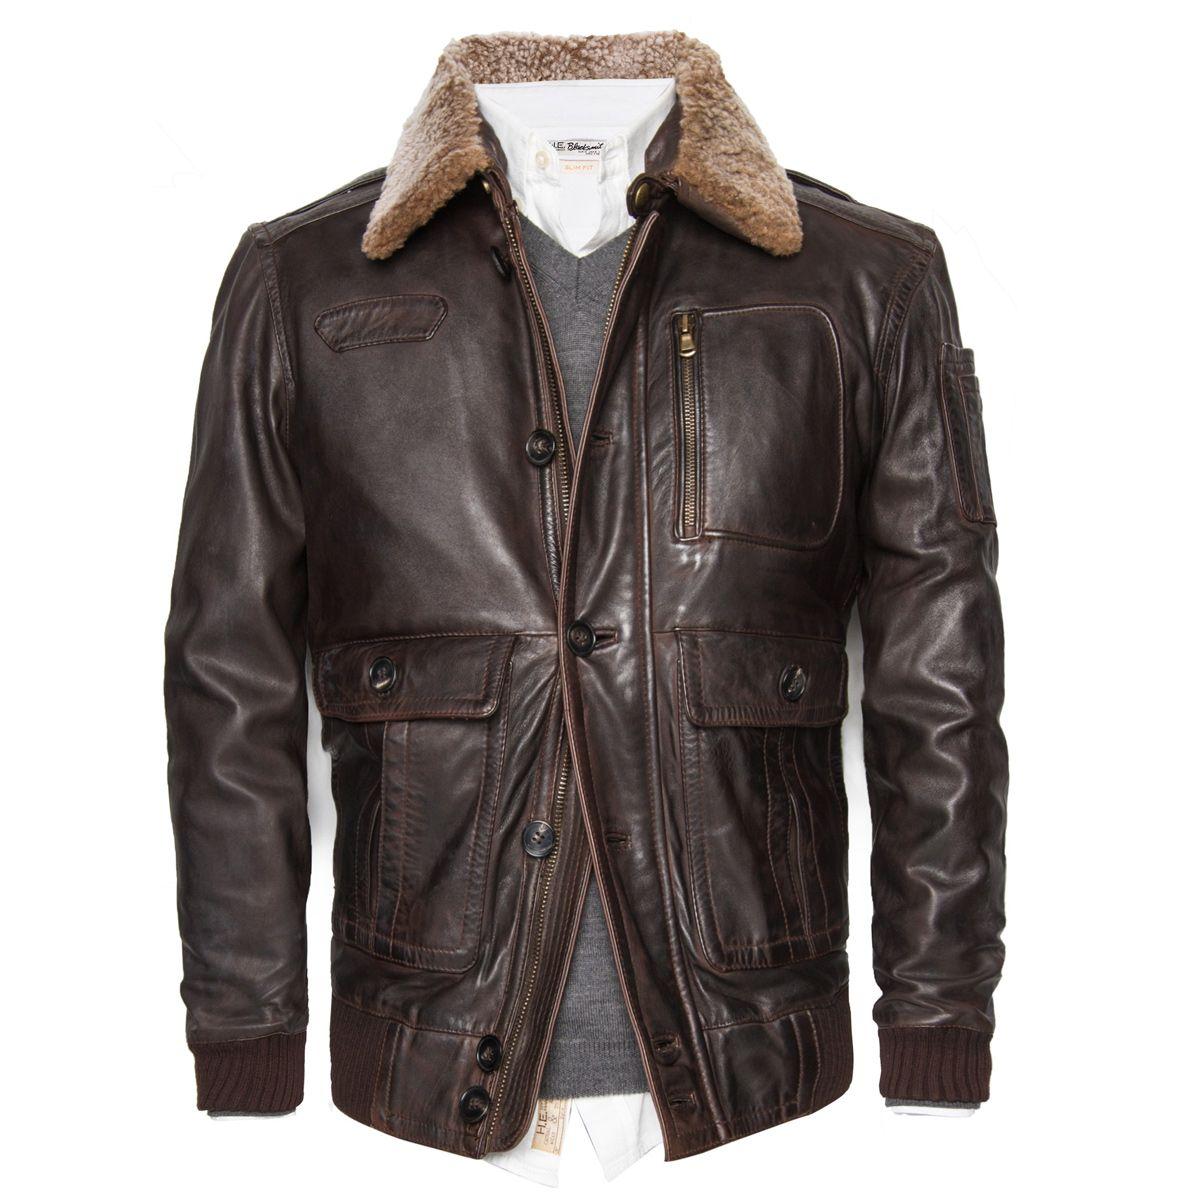 nueva colección grande descuento venta modelos de gran variedad CHAQUETA DE CUERO TIPO AVIADOR #aviador #chaqueta ...